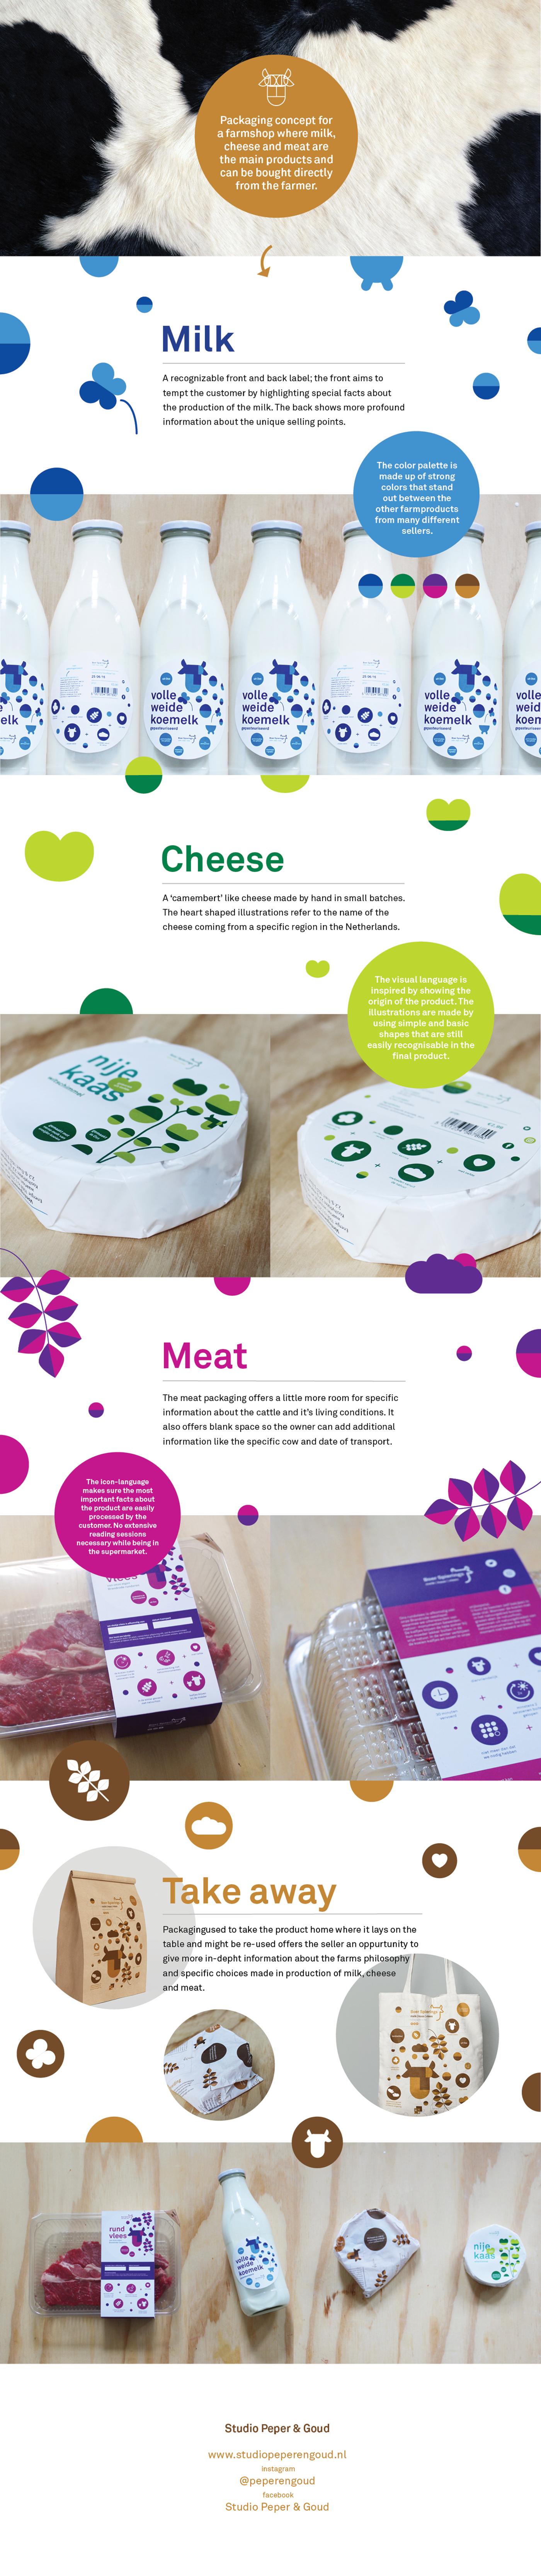 melk kaas vlees milk Cheese meat farm Food  bag paperbag winkel Boerderij